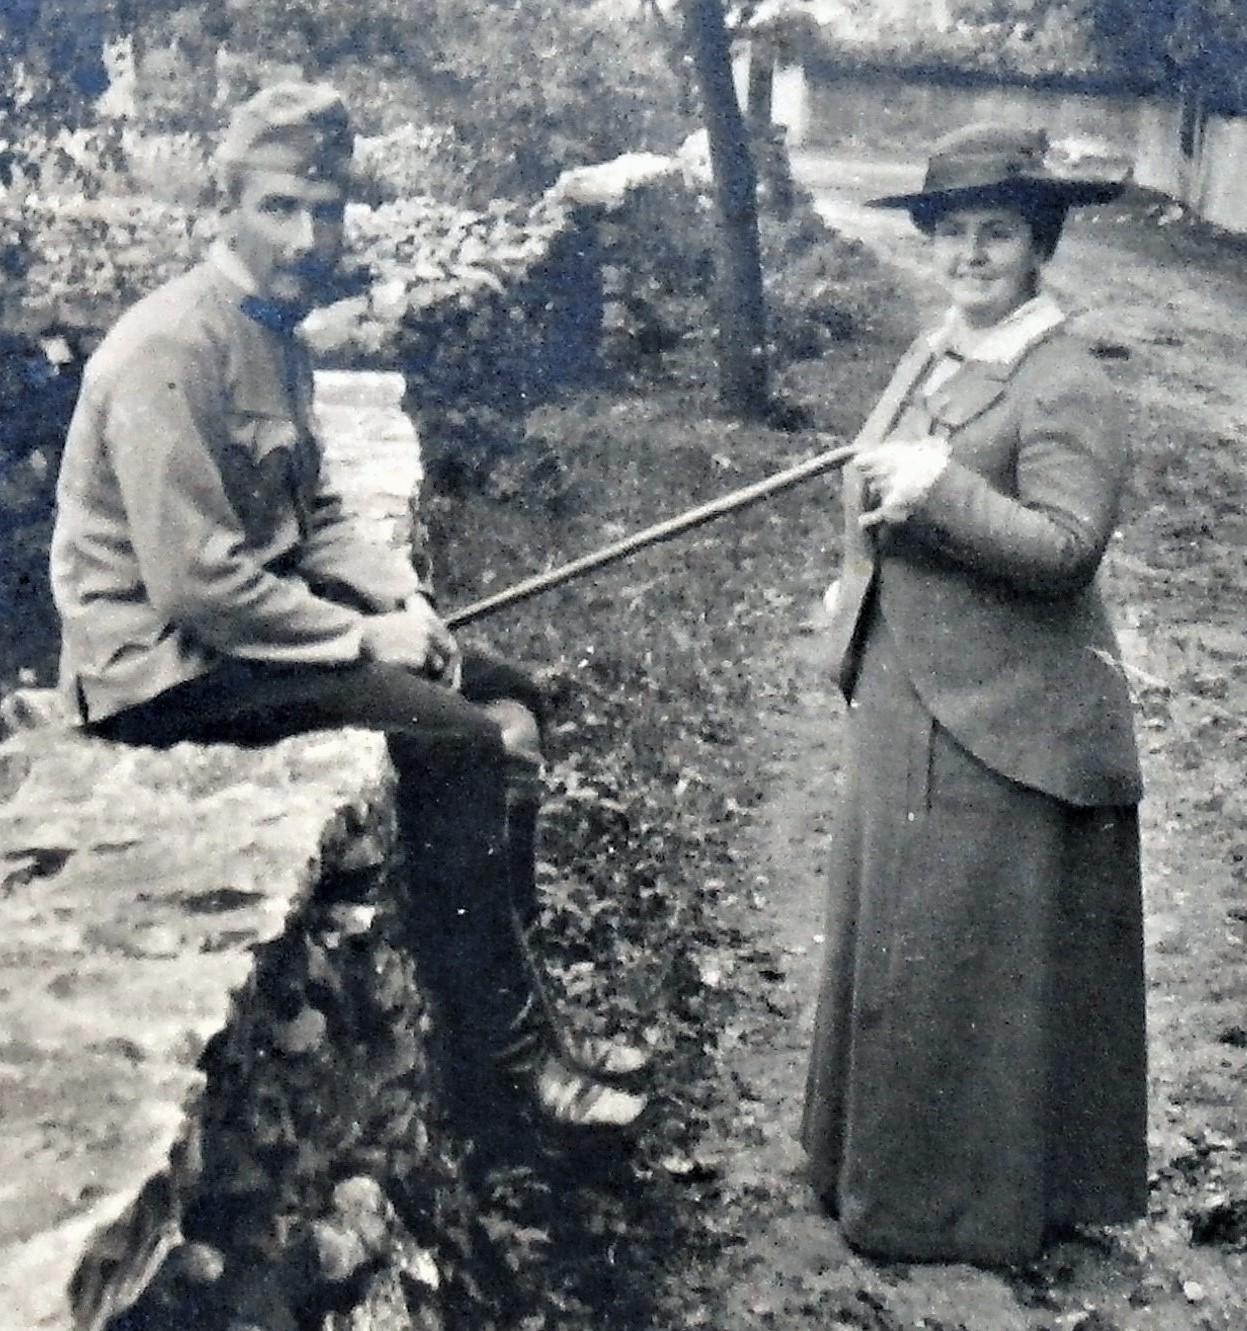 Mit Frau auf der Ortsstrasse von Banne, nördlich Triest, September 1915.